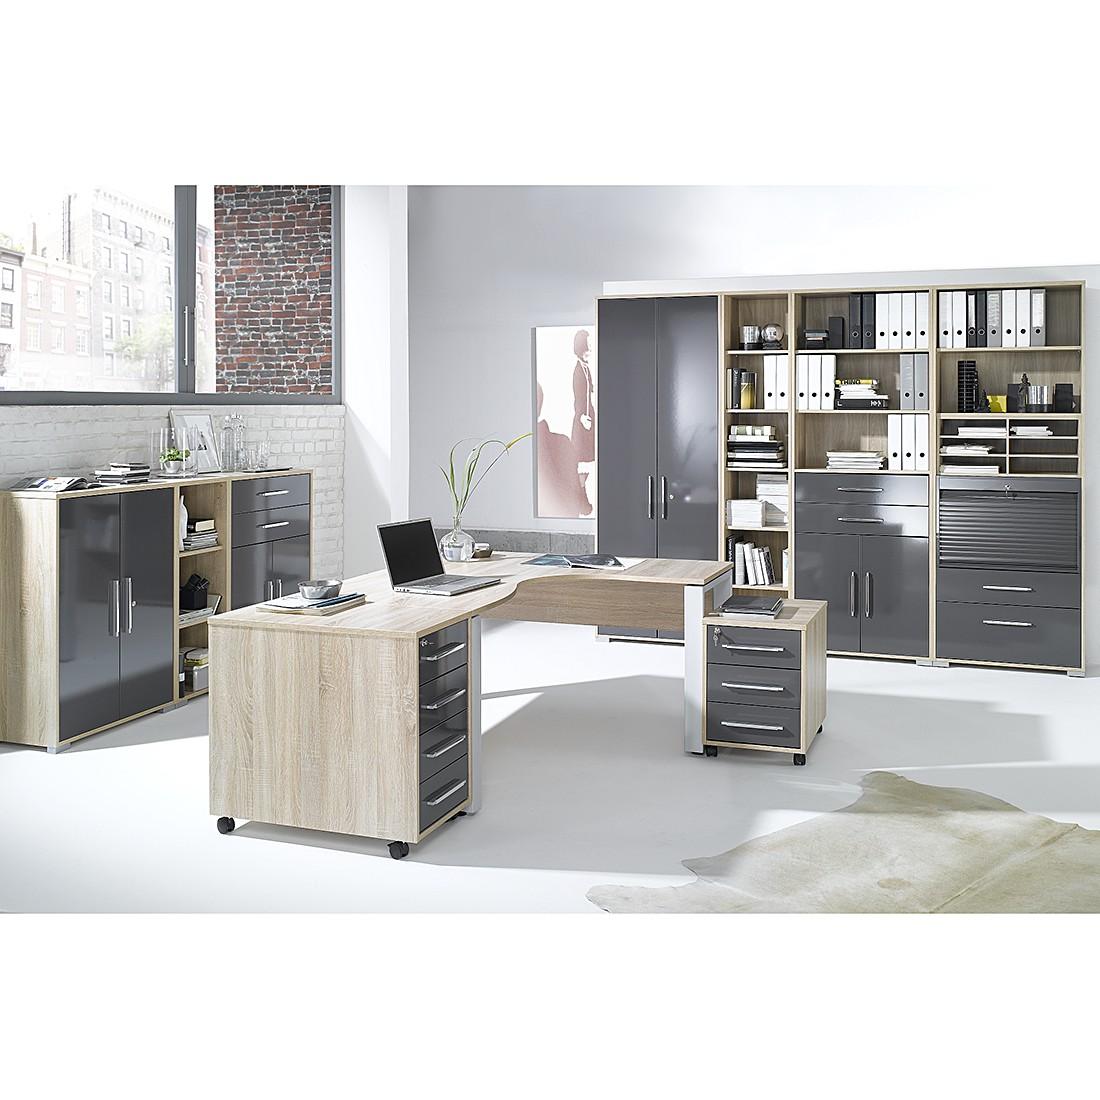 Home 24 - Combinaison de bureau merit v (10 éléments) - imitation chêne de sonoma / gris brillant, maja möbel